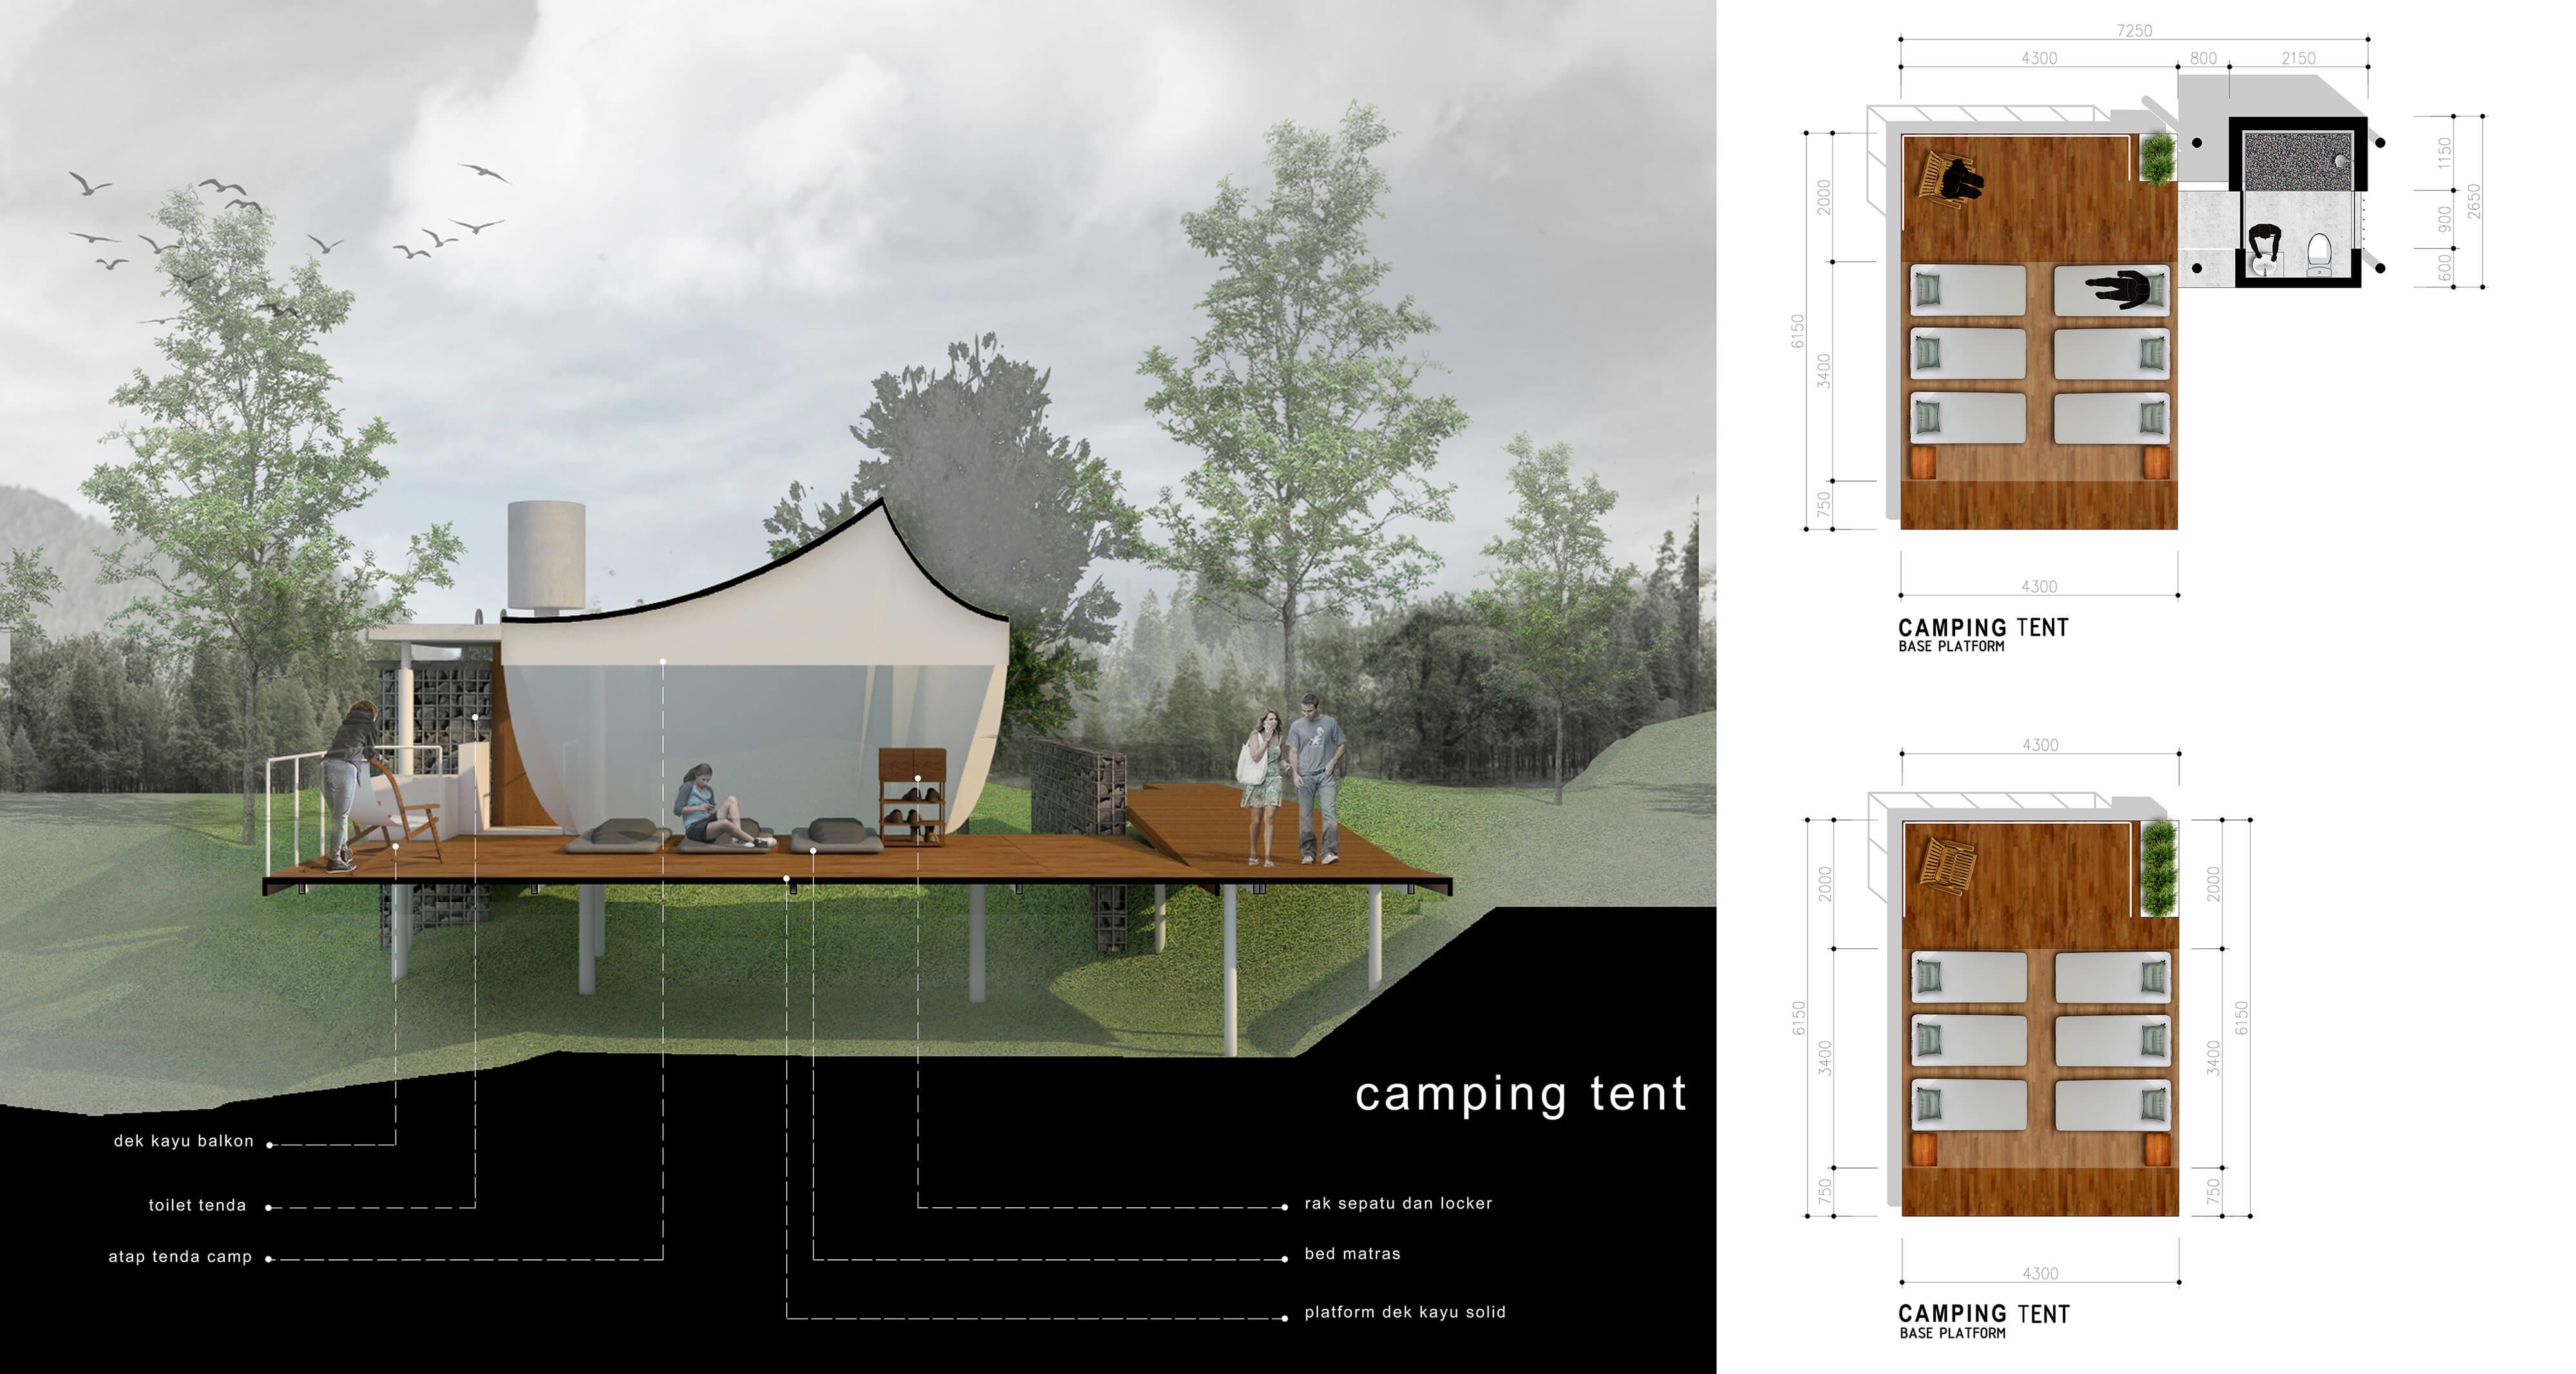 Bunga Hutan Camping Ground – camping tent